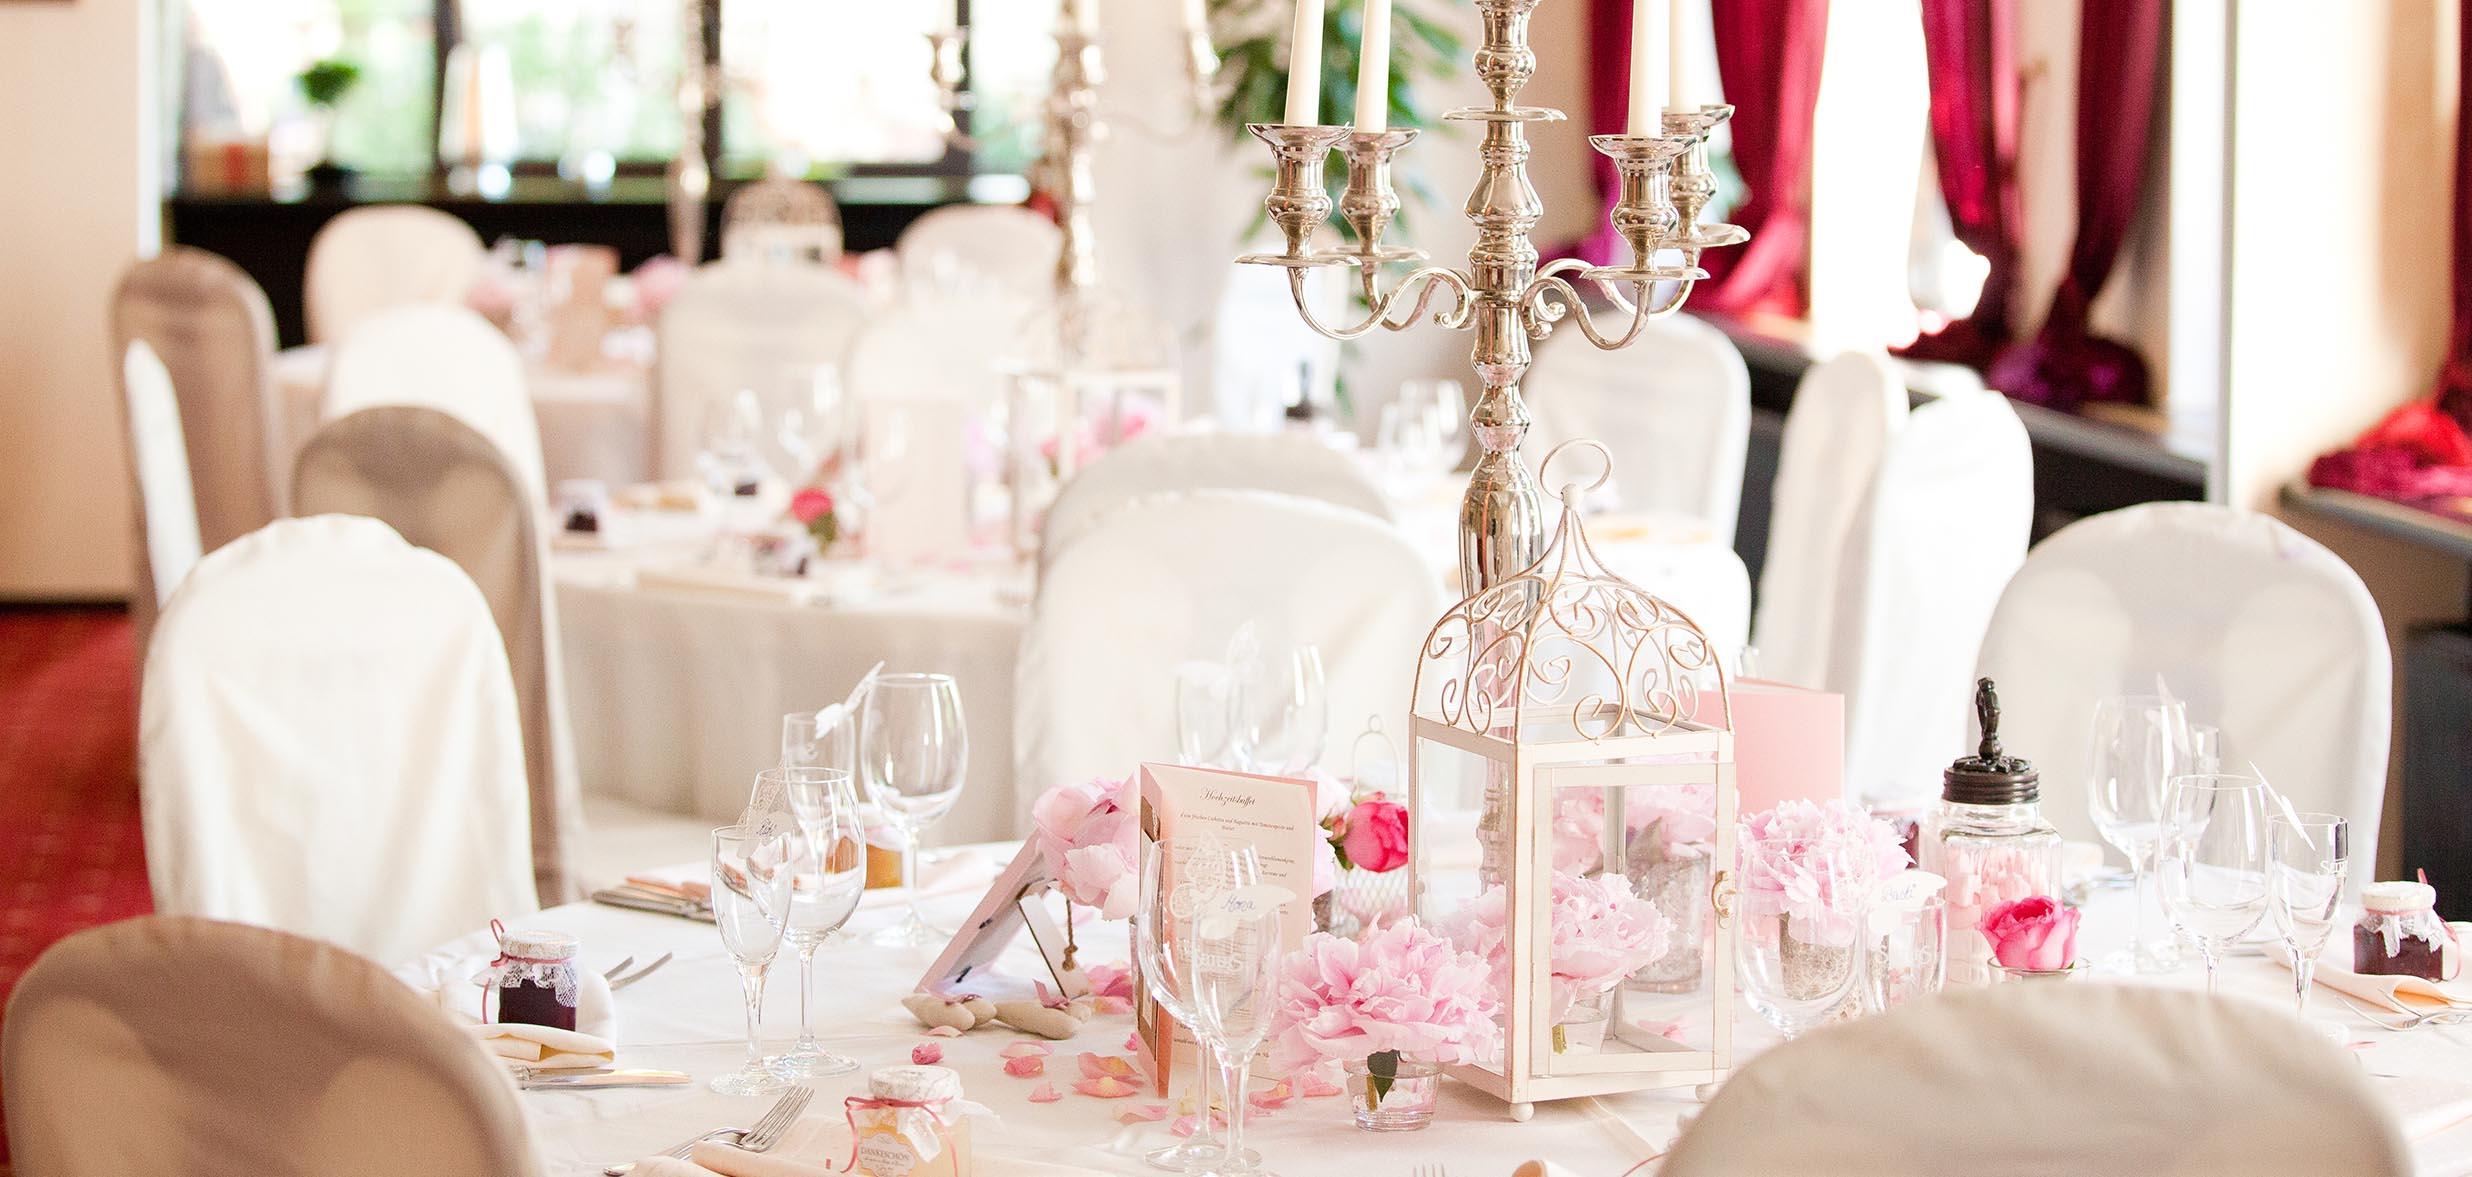 Hochzeit Angebote